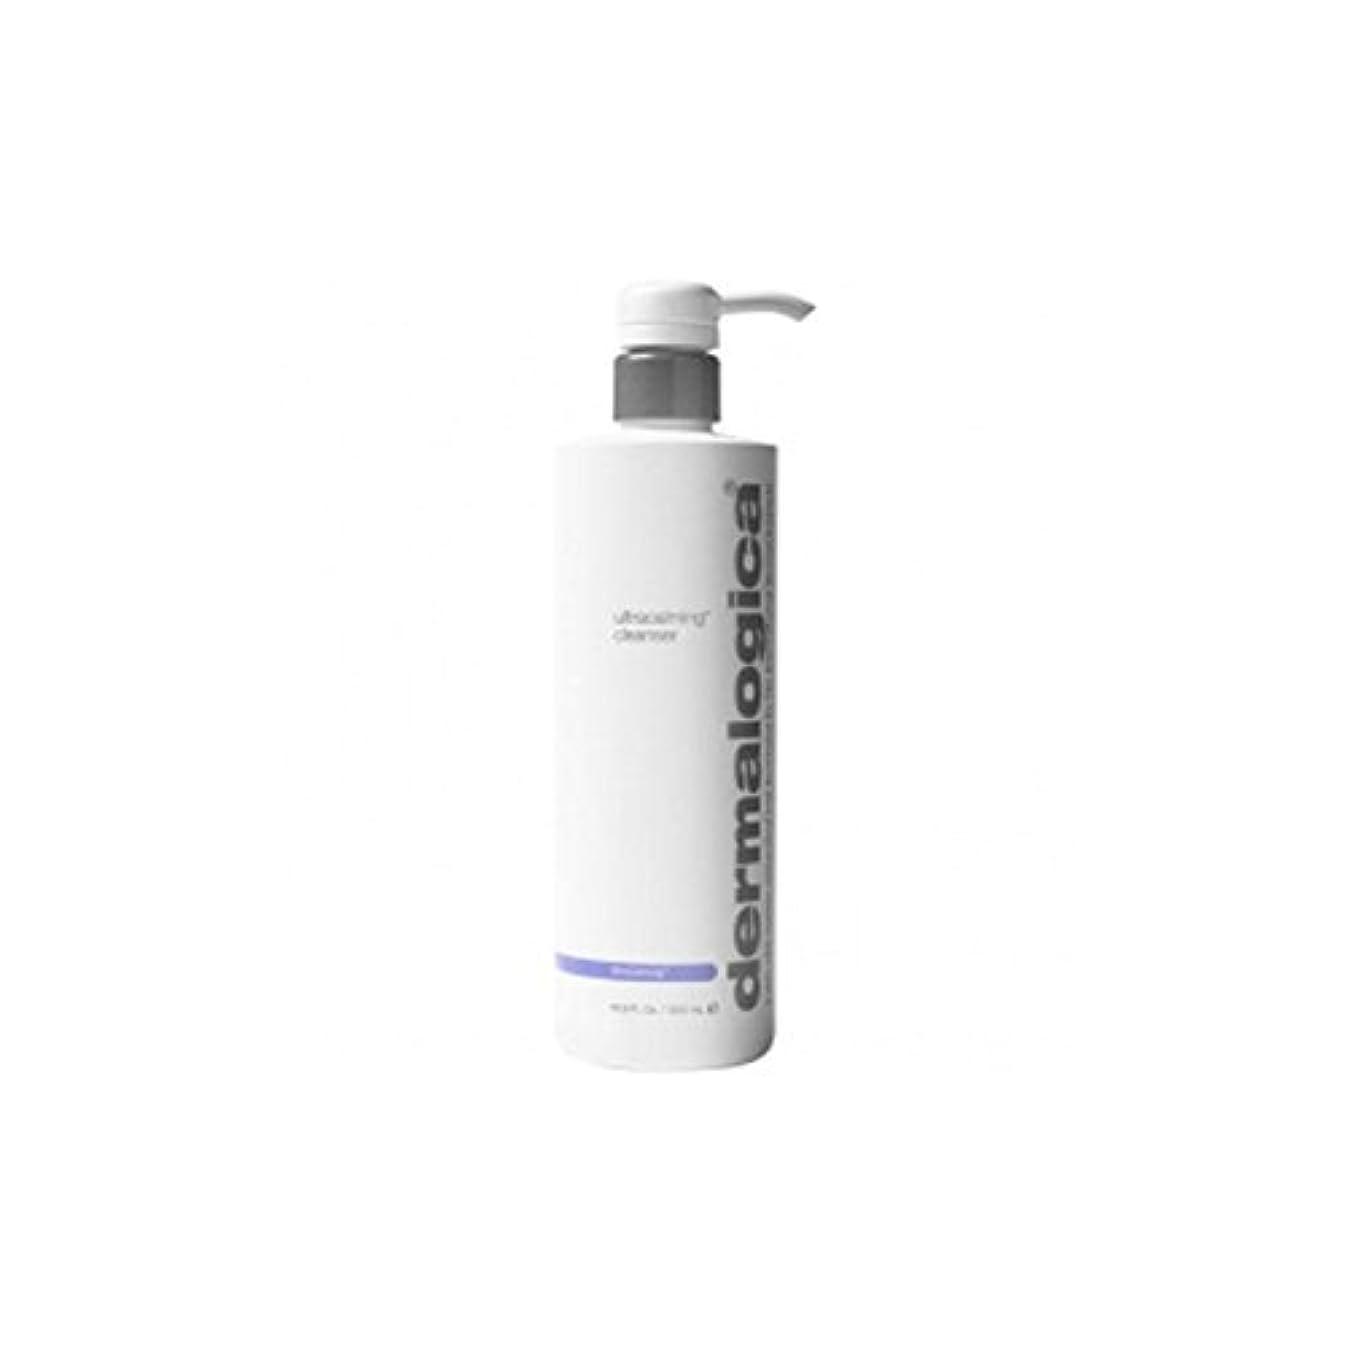 超高層ビルしないでください風味ダーマロジカクレンザー(500ミリリットル) x4 - Dermalogica Ultracalming Cleanser (500ml) (Pack of 4) [並行輸入品]